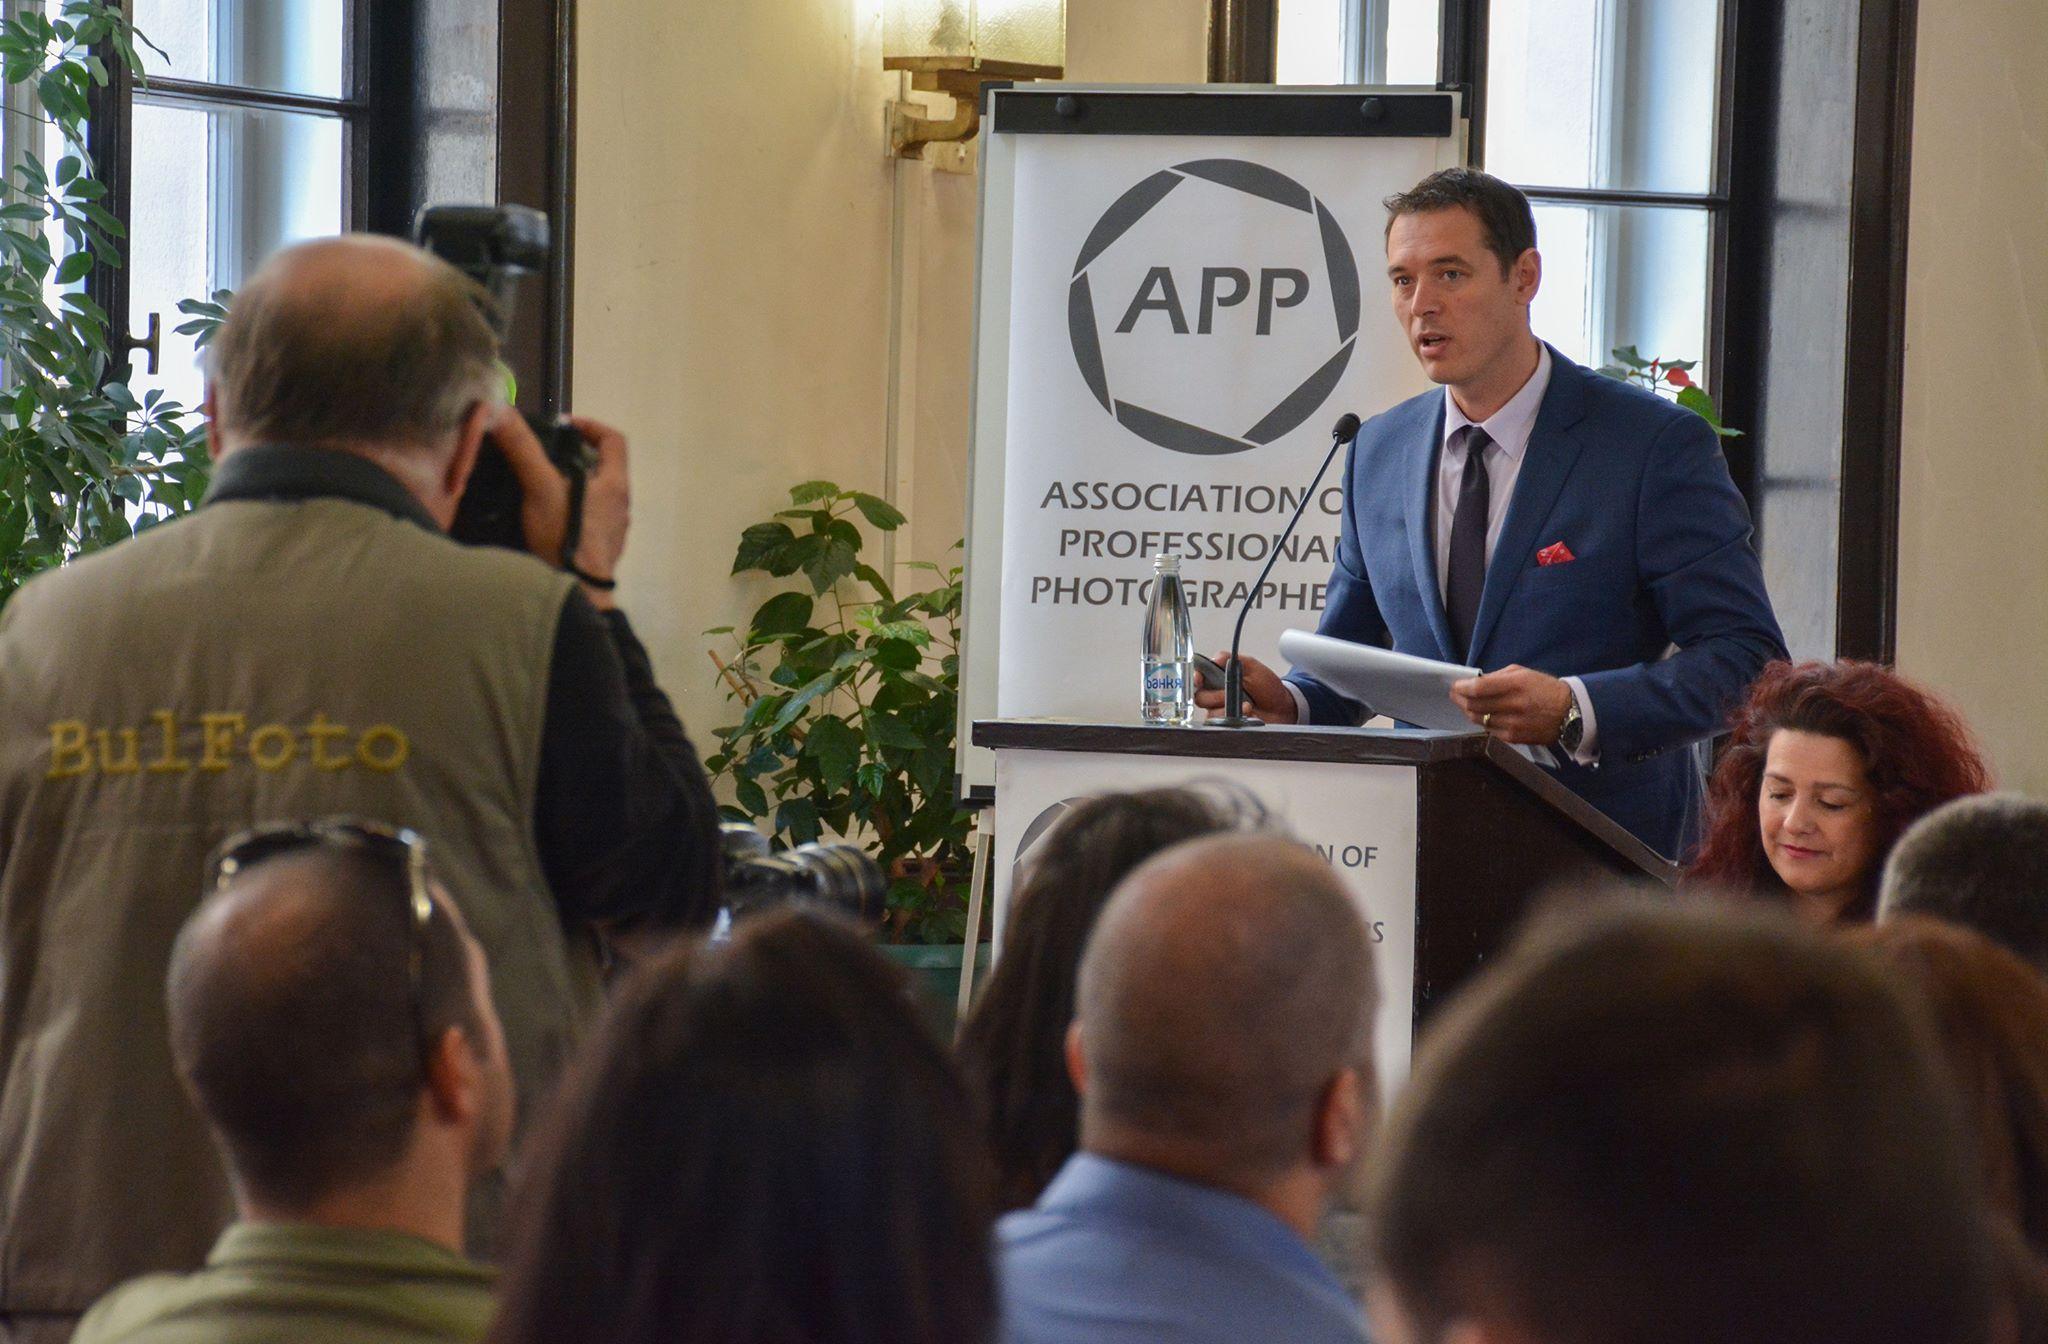 Адв. Десислав Владимиров изнесе презентация на първата конференция за правата на журналистите и фотографите в светлината на GDPR и Закона за защита на авторското право и сродните му права